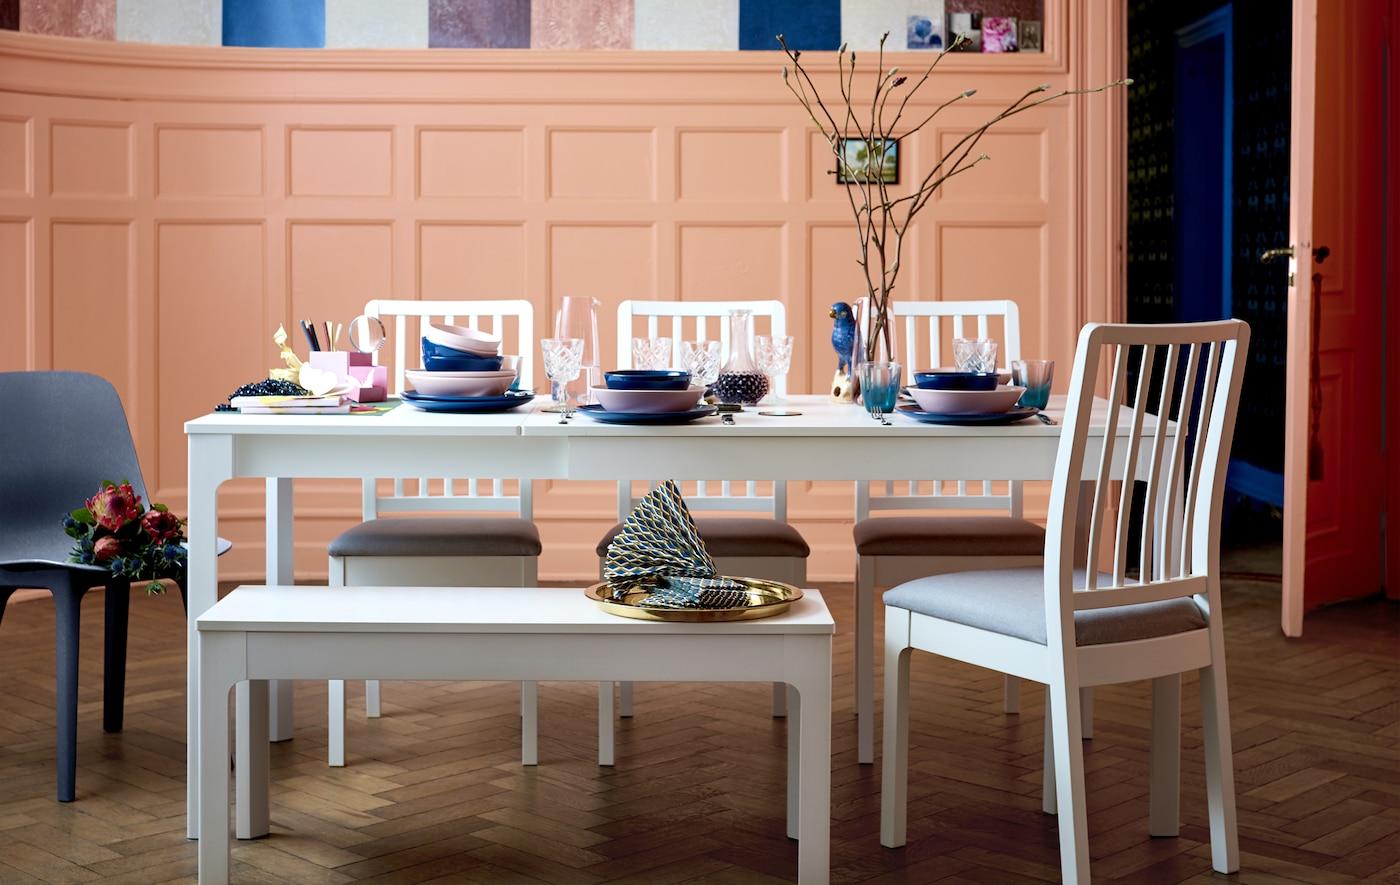 Ein langer, weißer Esstisch, Stühle und eine Bank, eingedeckt mit schönem Geschirr